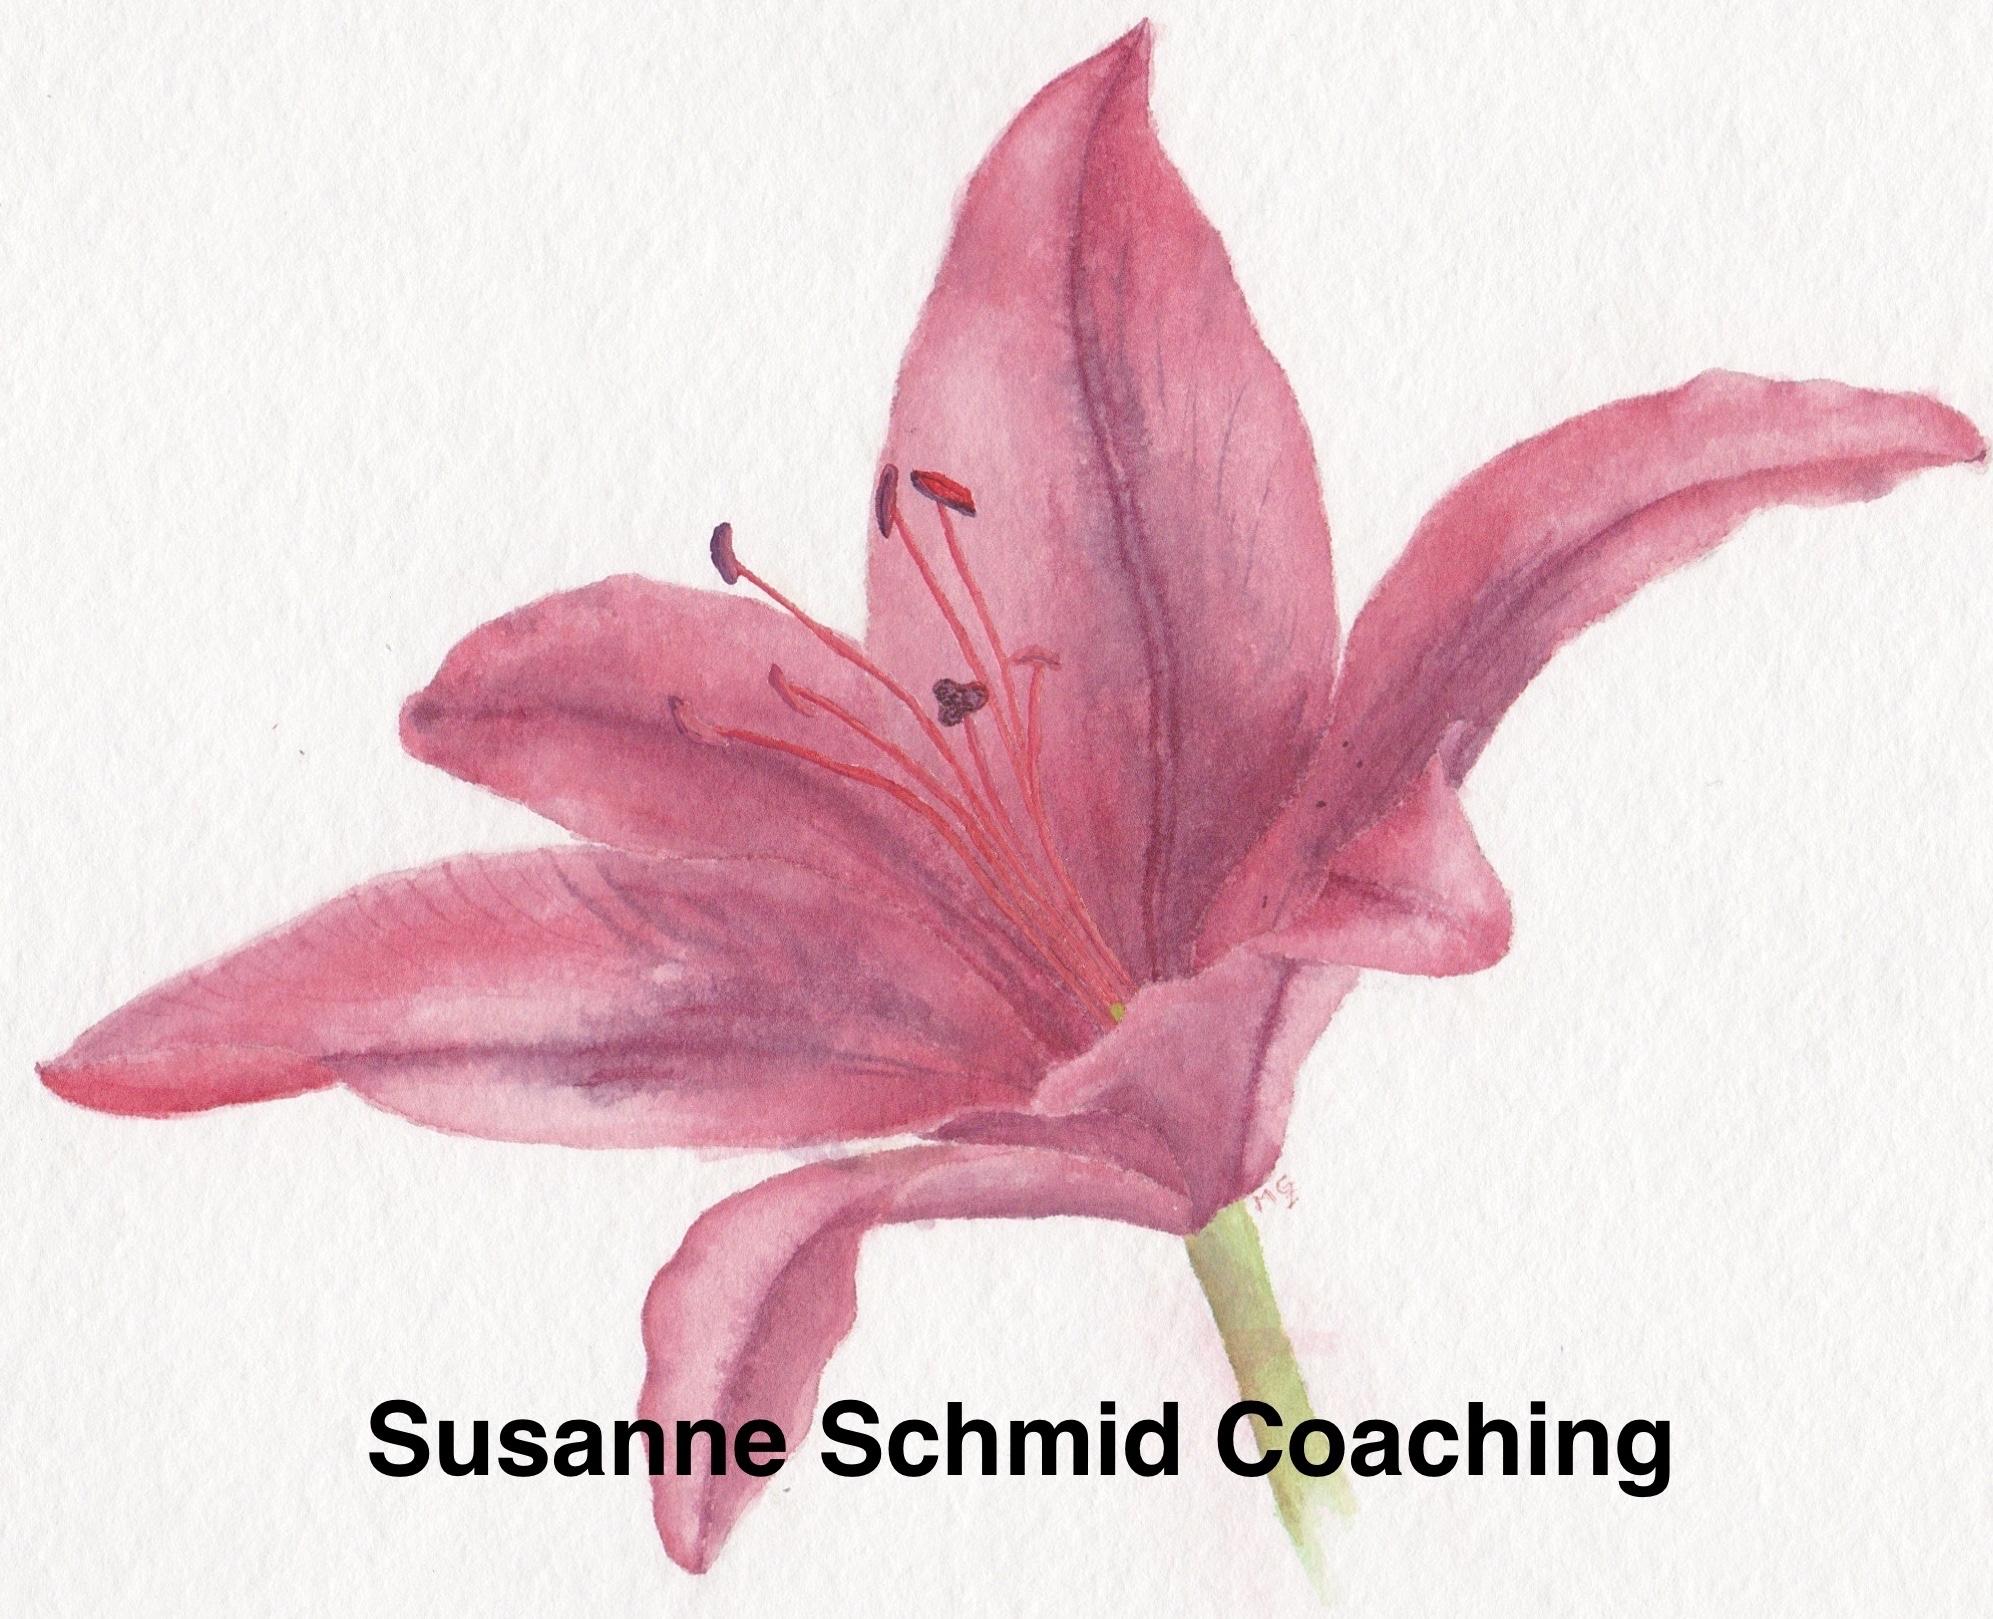 Susanne Schmid Coaching